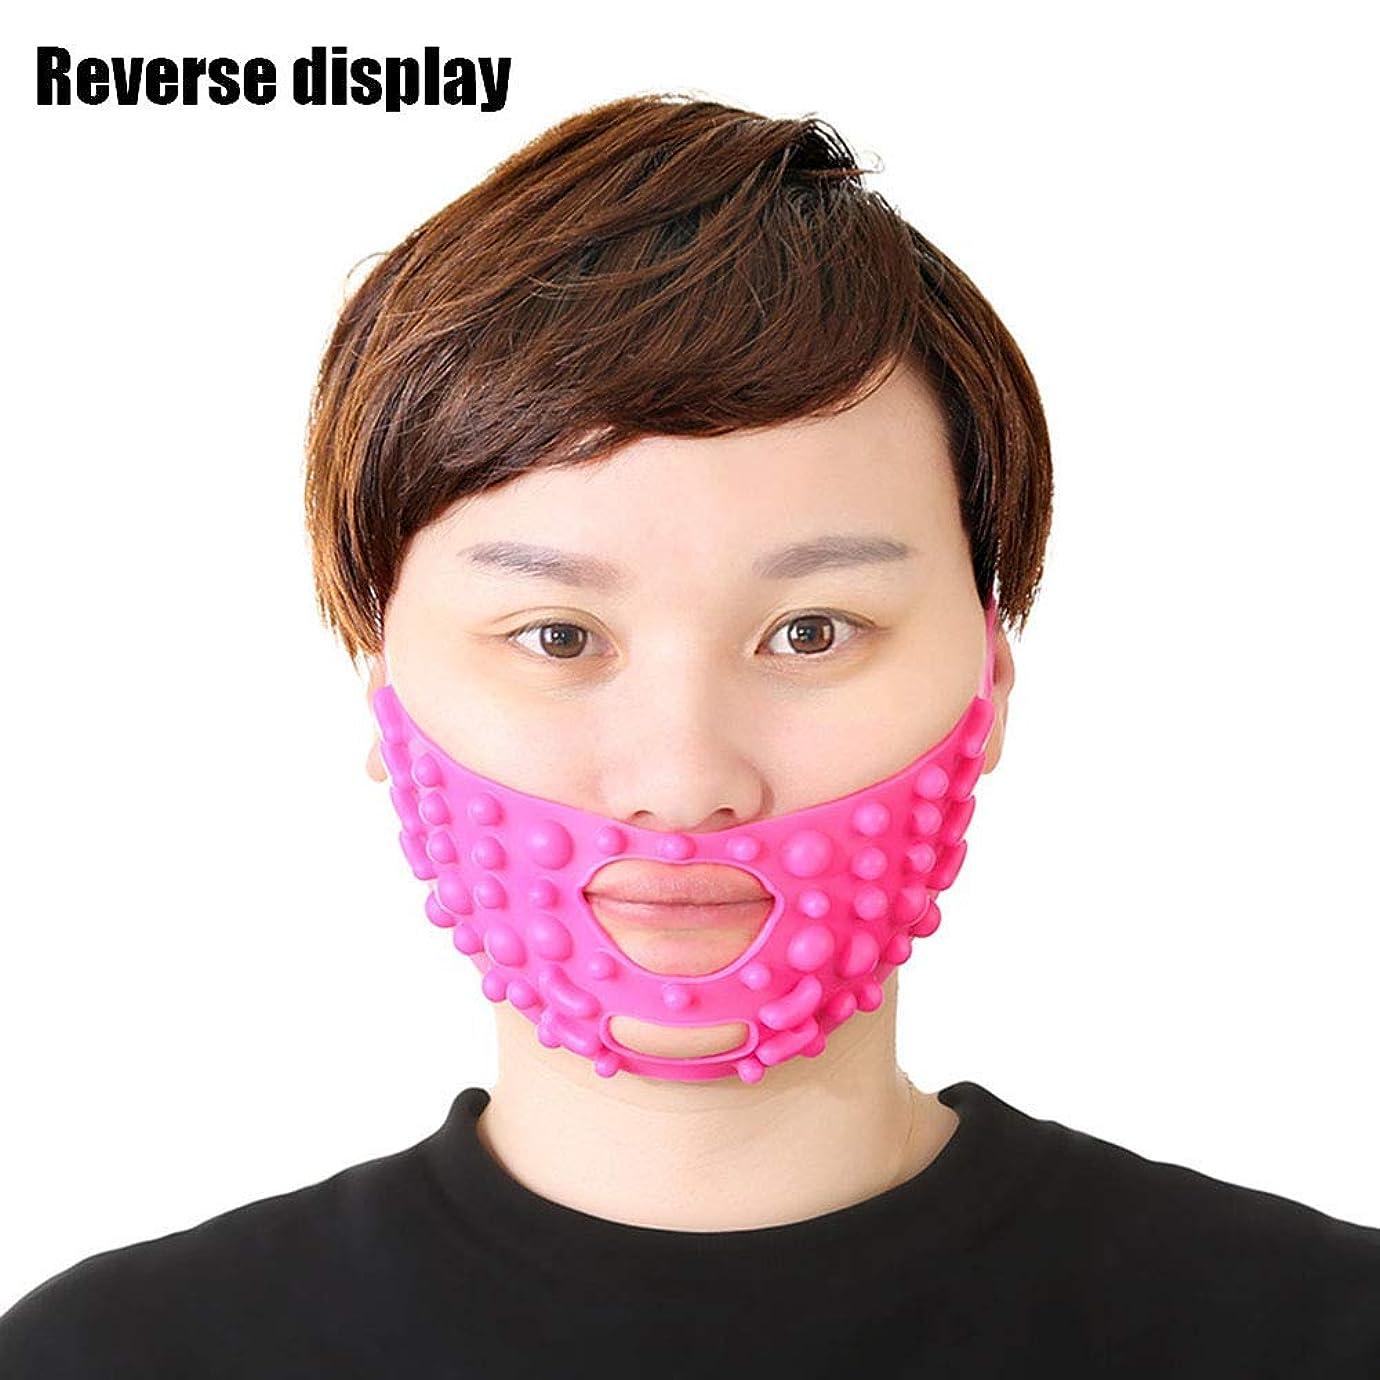 平衡影響力のある論争の的フェイシャルマッサージ包帯、持ち上げ、引き締め、法則パターンを改善して小さなVフェイス/二重あごマスクを作成(ローズレッド)